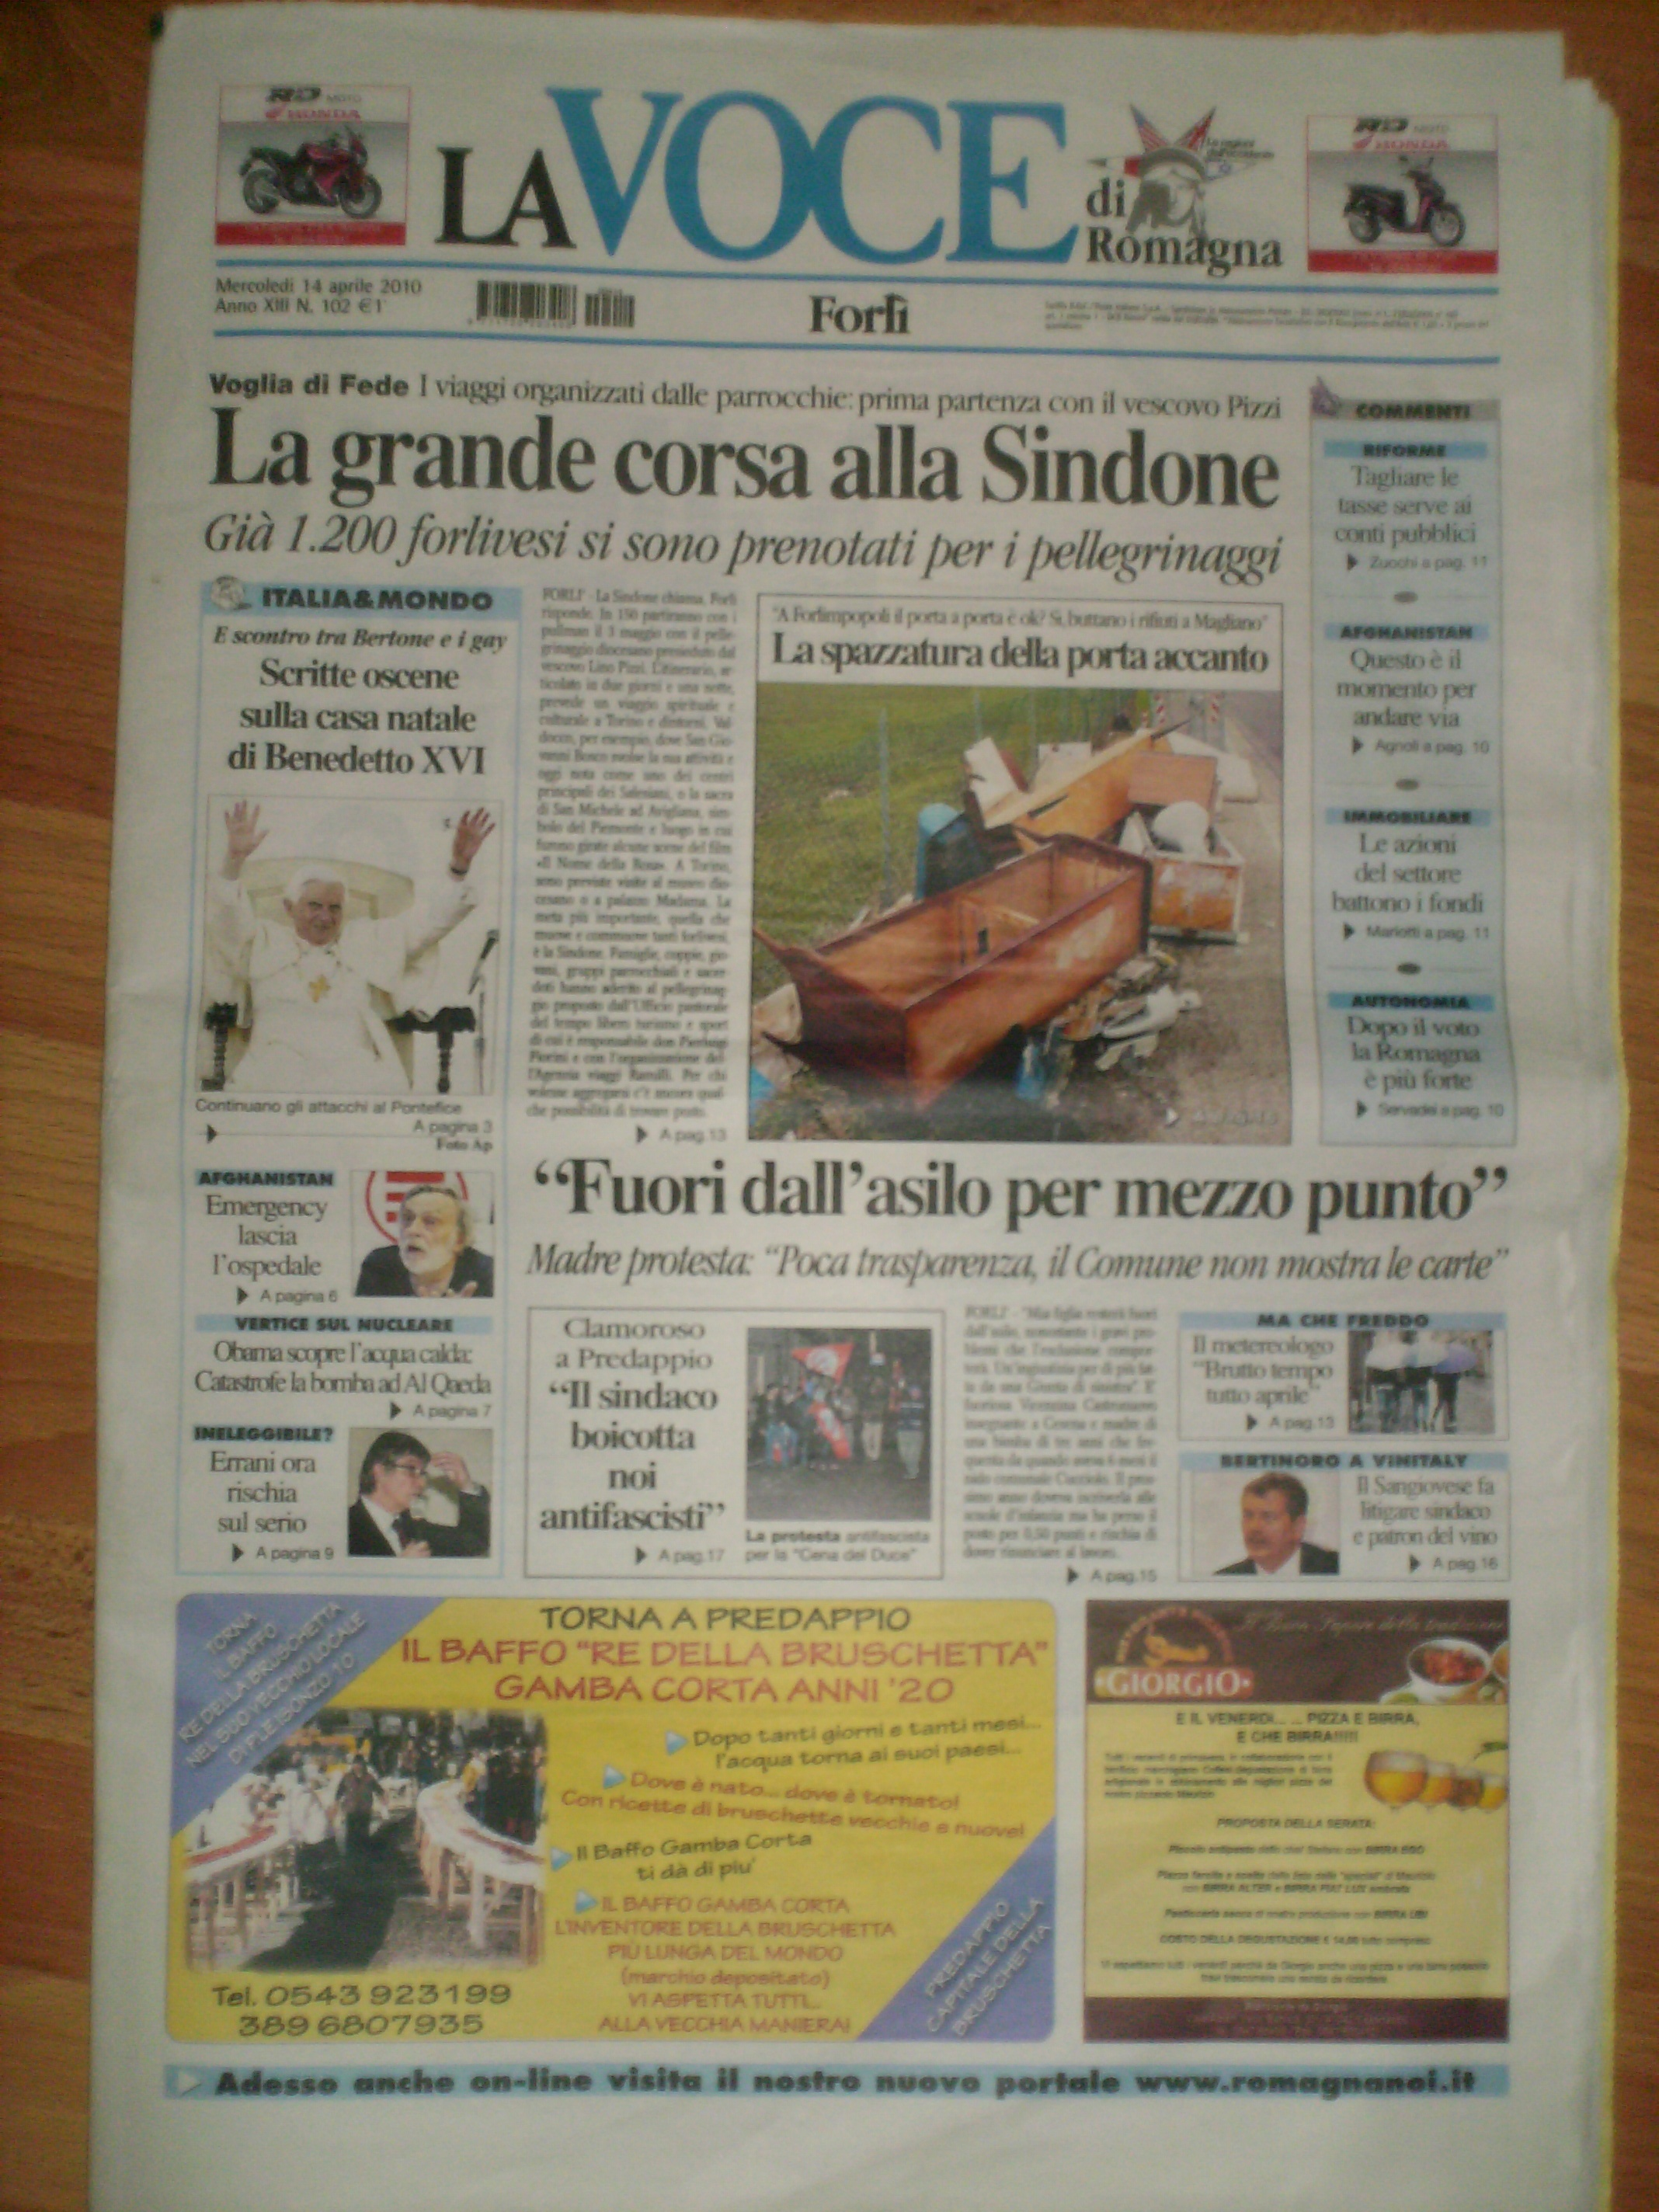 La Voce del 14/4/2010 Prima Pagina